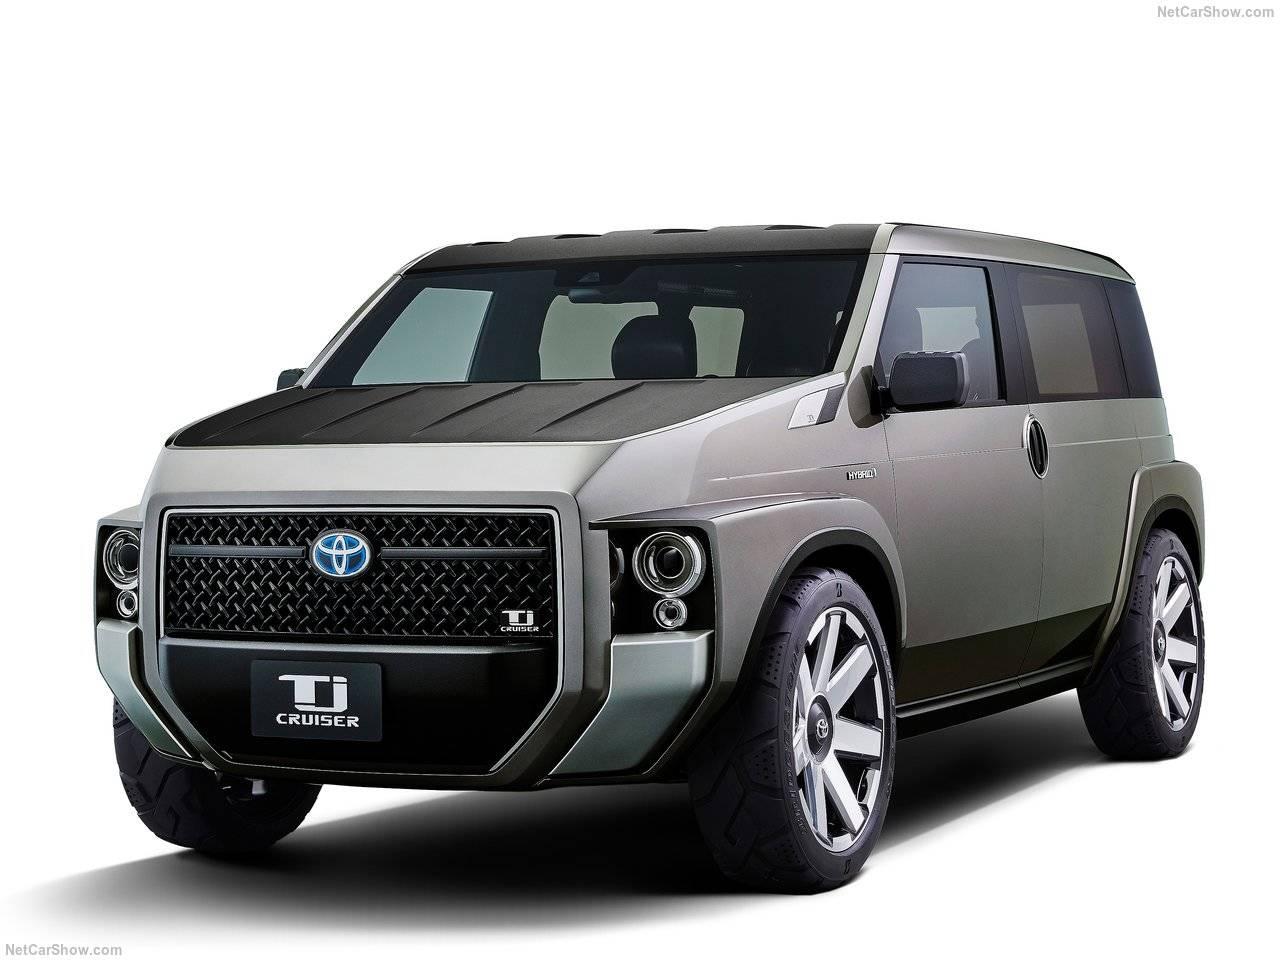 Toyota Tj Cruiser Conceptが東京モーターショーで初披露!サイズやスペック、市販化の可能性に迫ります!